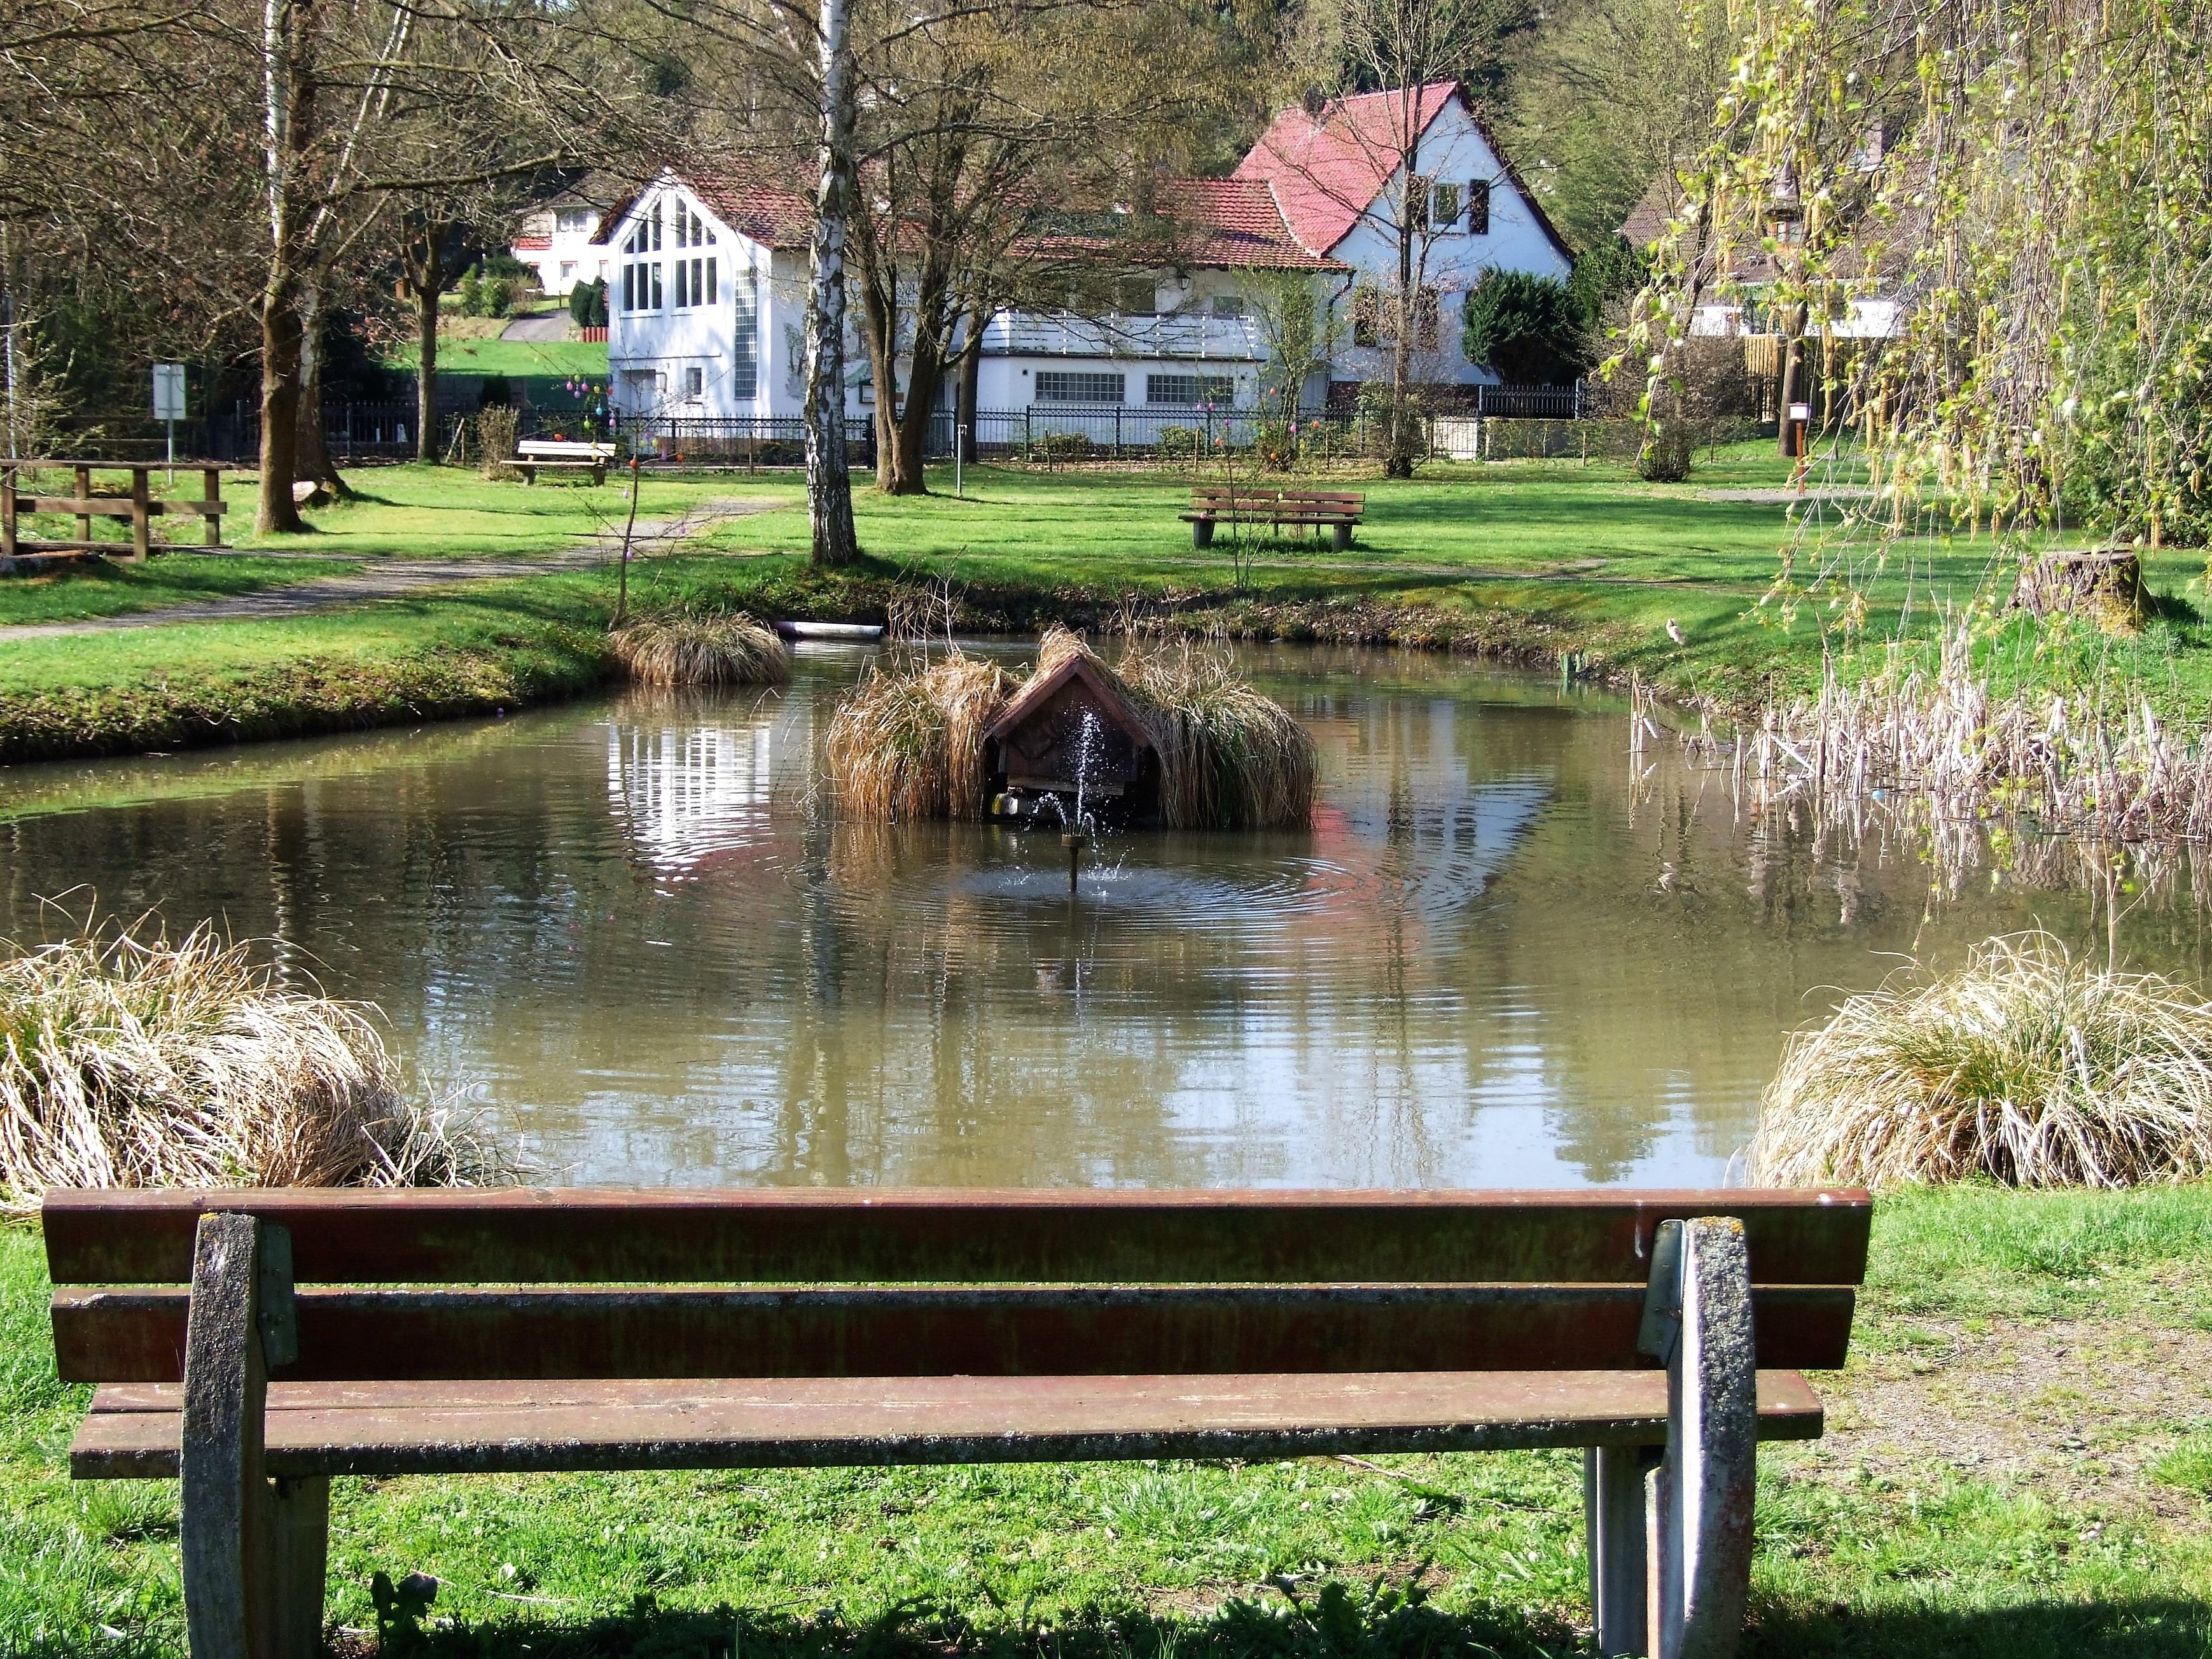 Teichanlage in der Freizeitanlage Spicke. (Foto: Uli Klein)